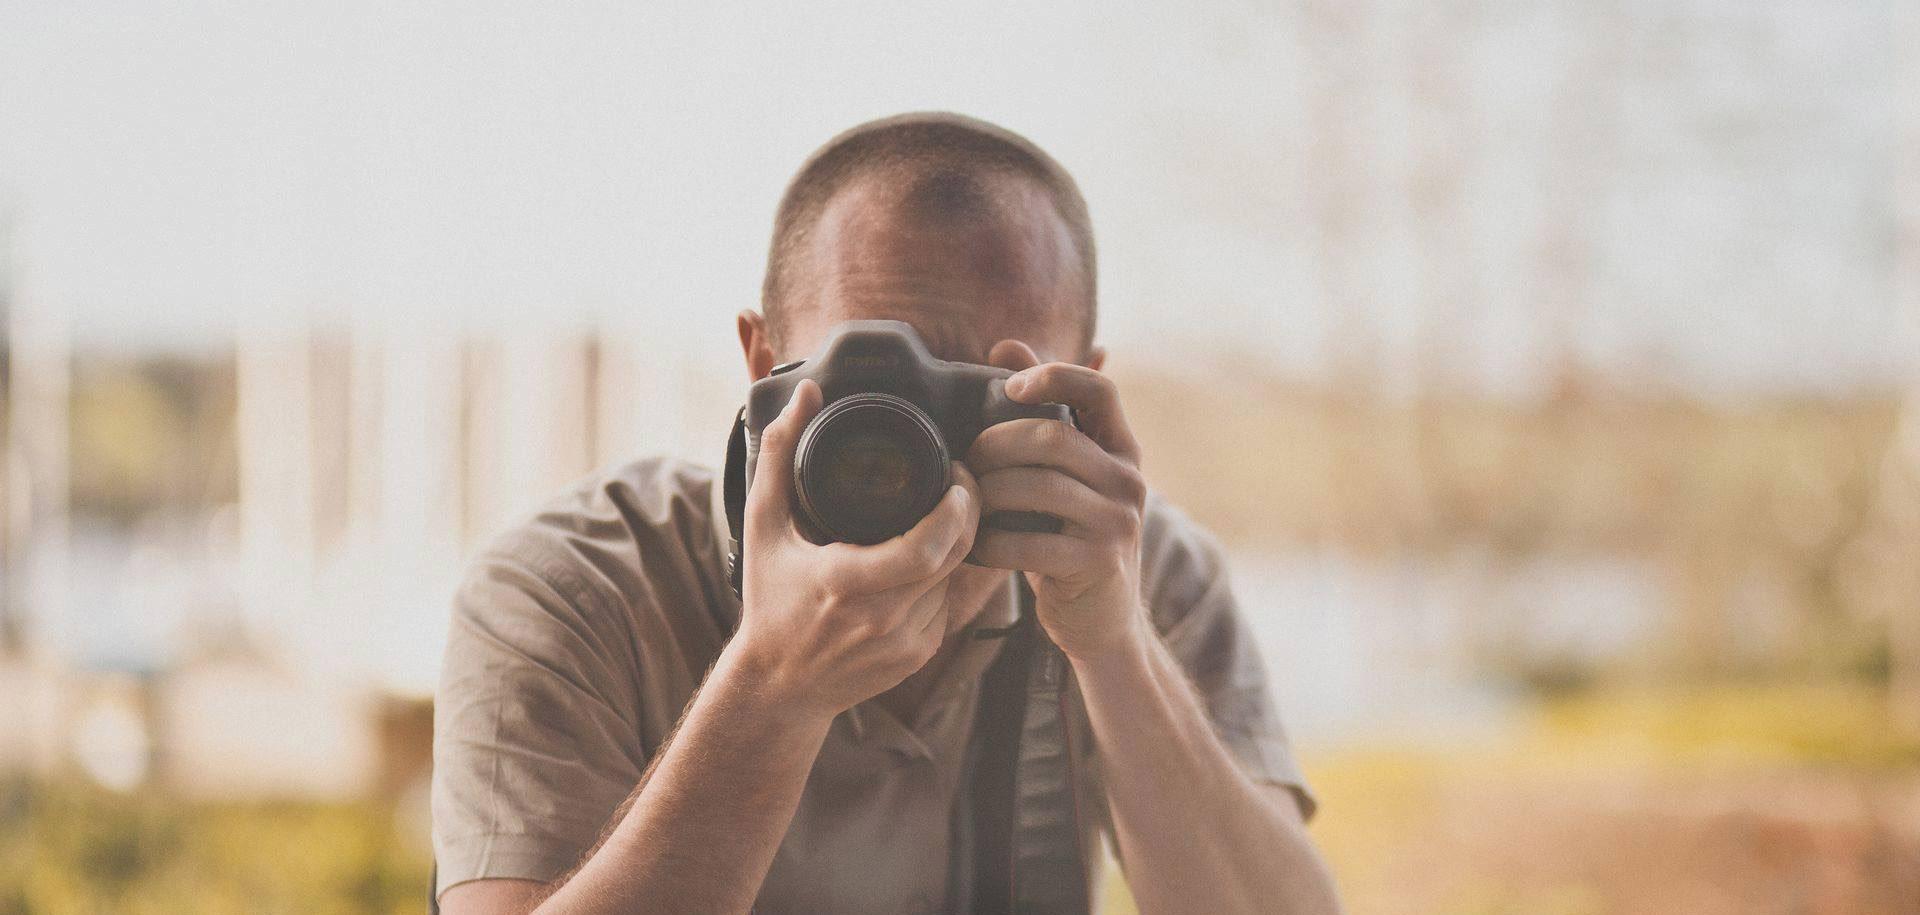 Ecole de photographie : un avenir prometteur pour les photographes